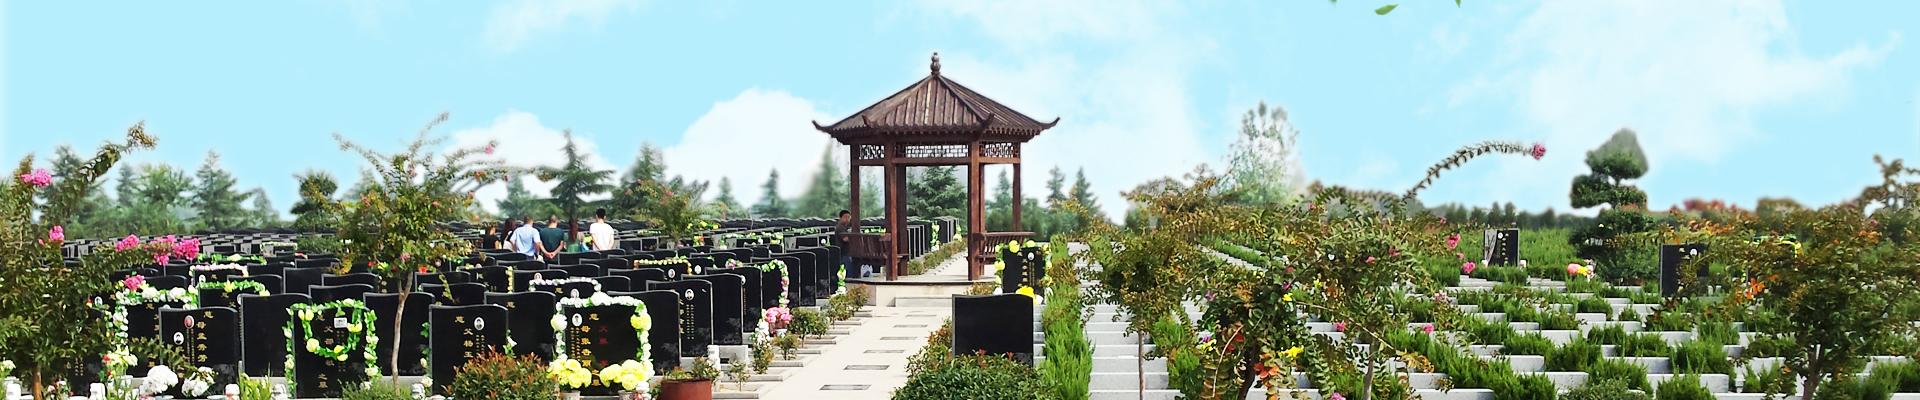 北邙南山陵园万福苑经济适用墓区 洛阳公墓哪个位置好